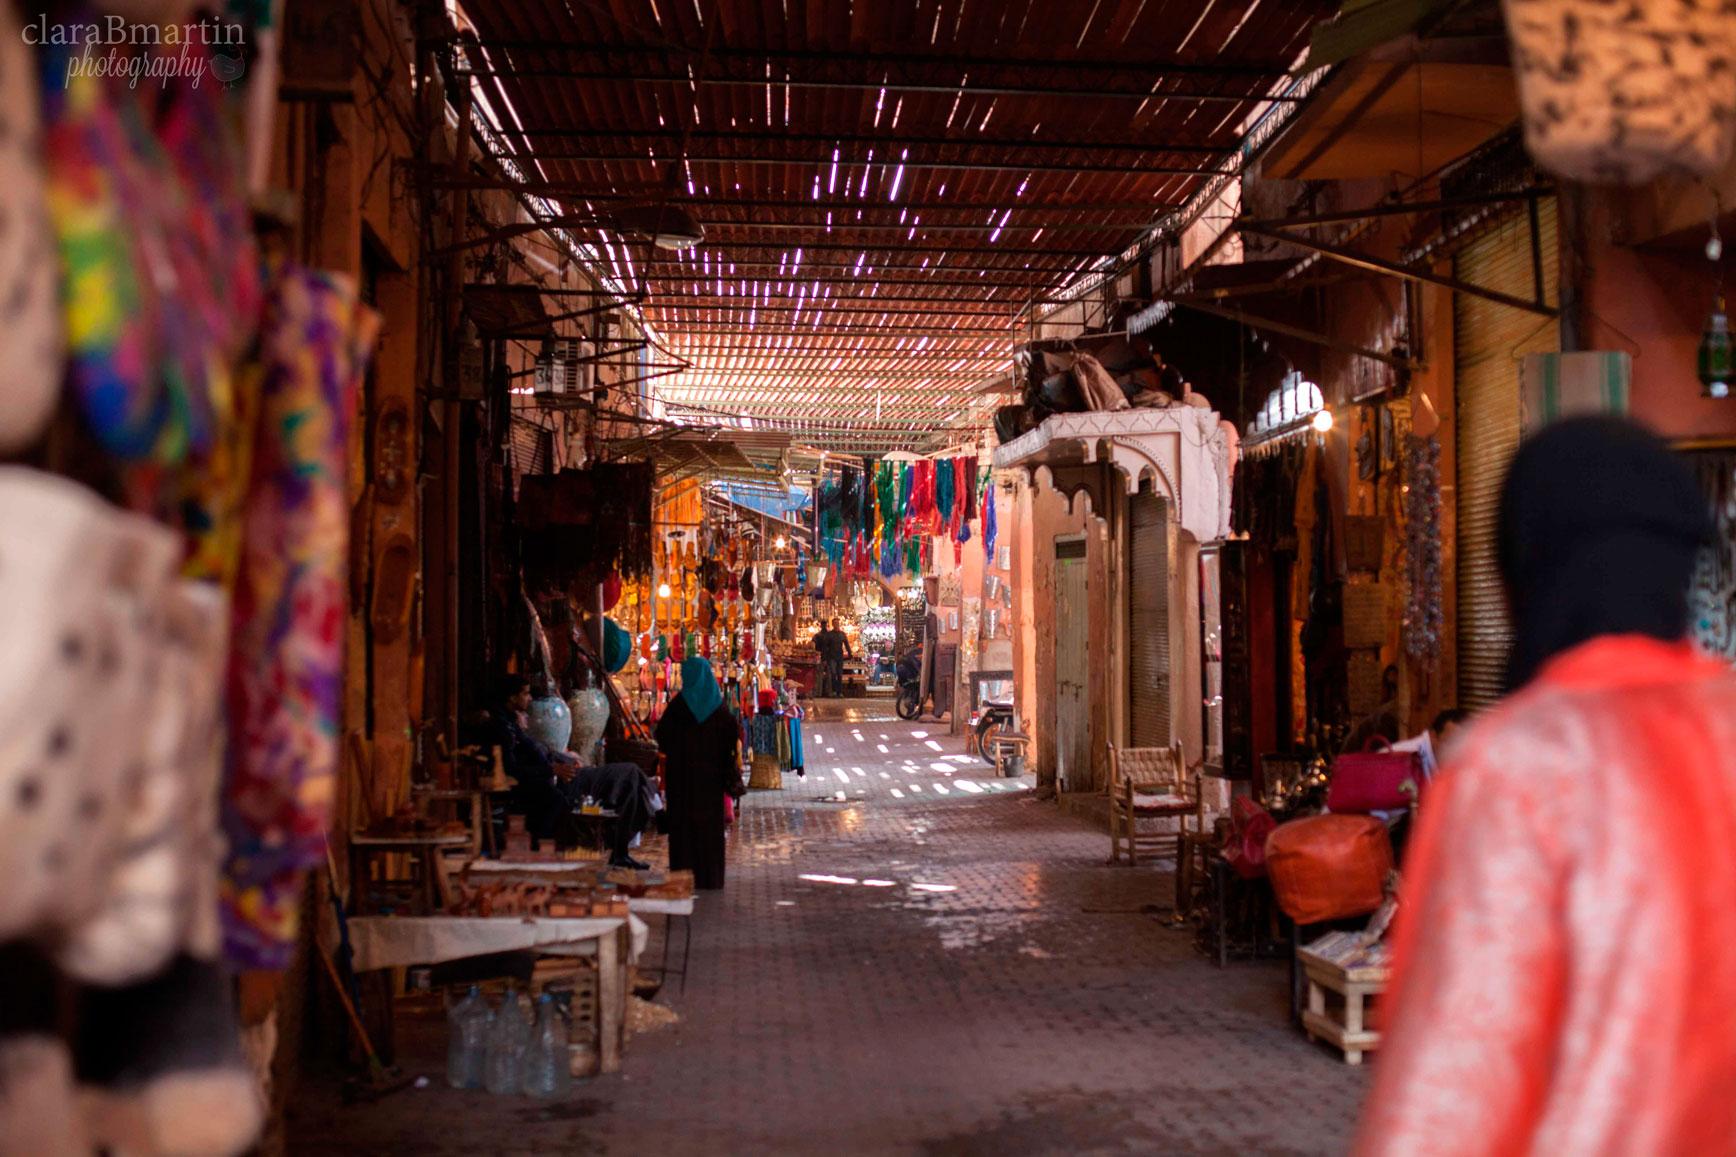 Marrakech_claraBmartin_17